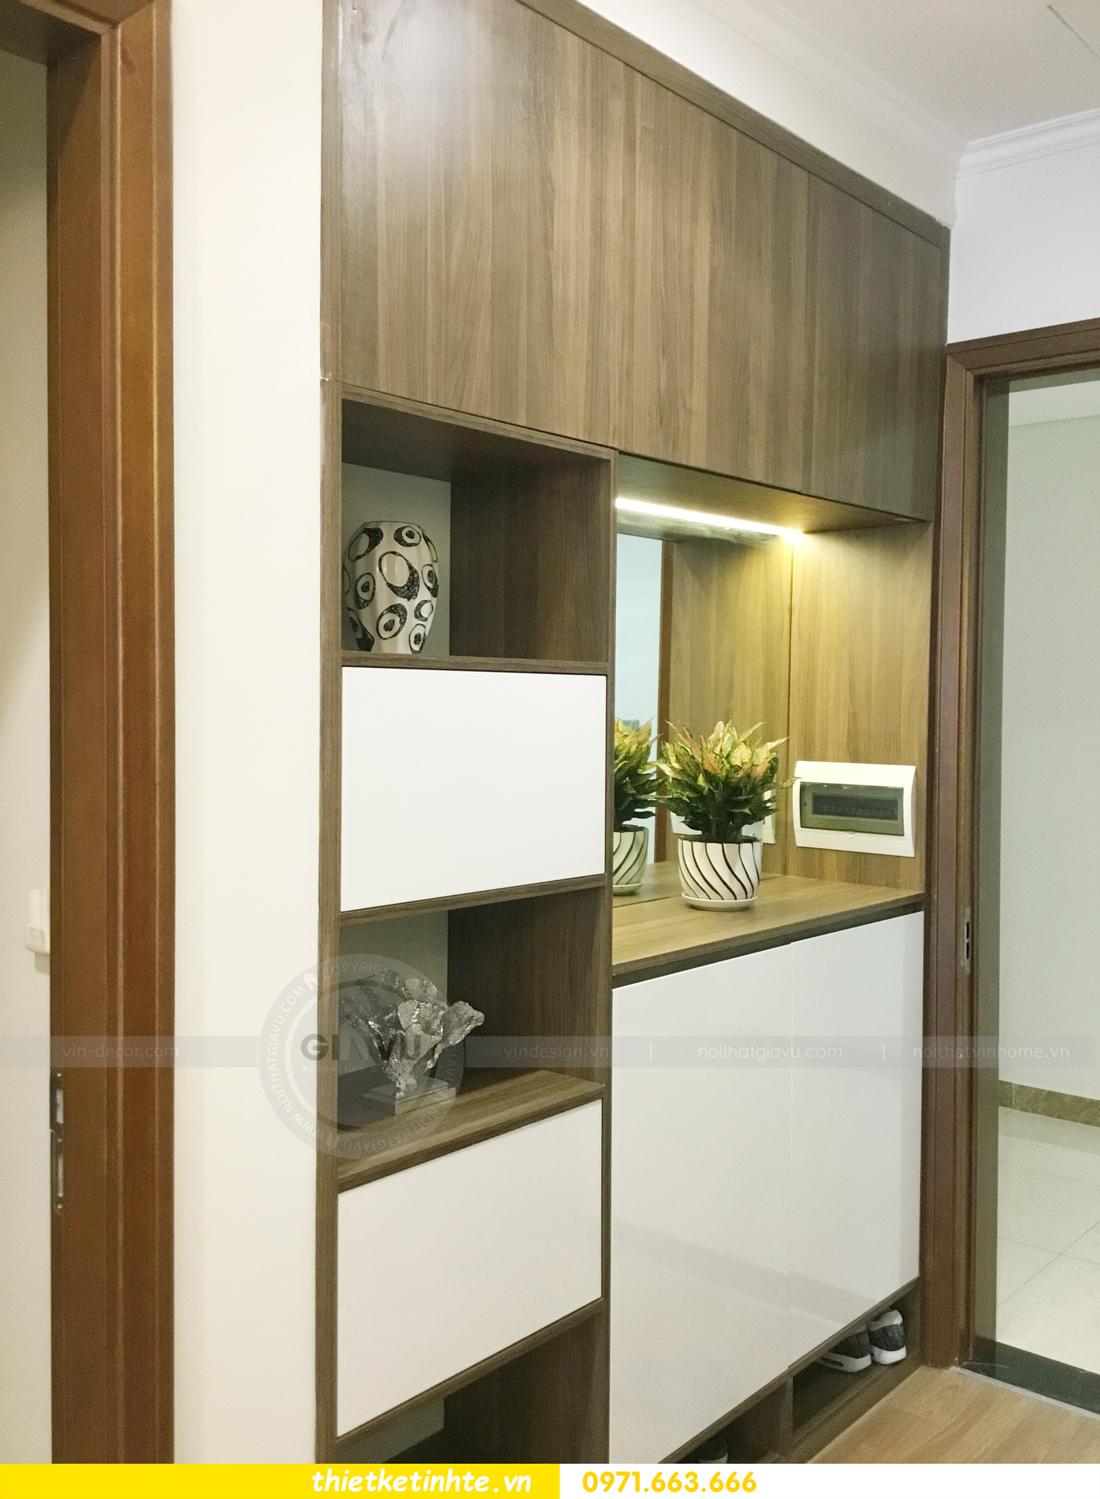 hoàn thiện nội thất chung cư Park Hill P12 căn 21 nhà anh sơn 02